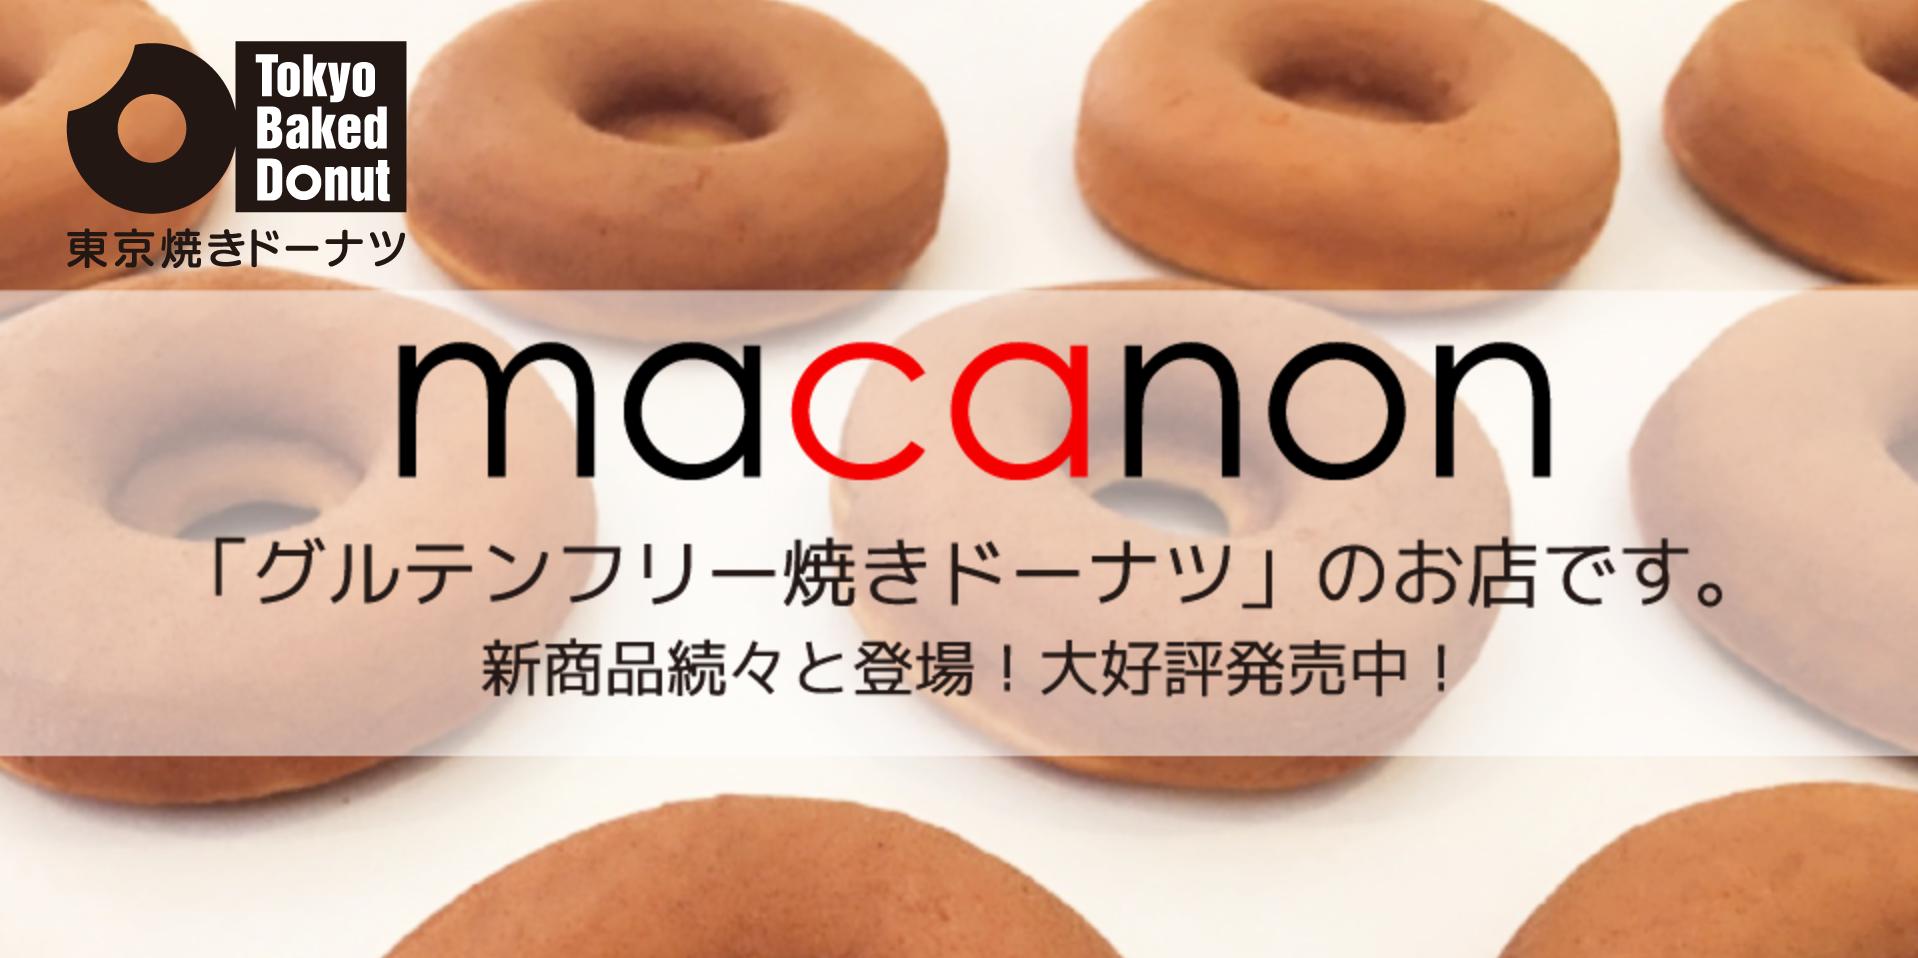 グルテンフリーの焼きドーナツ『macanon』